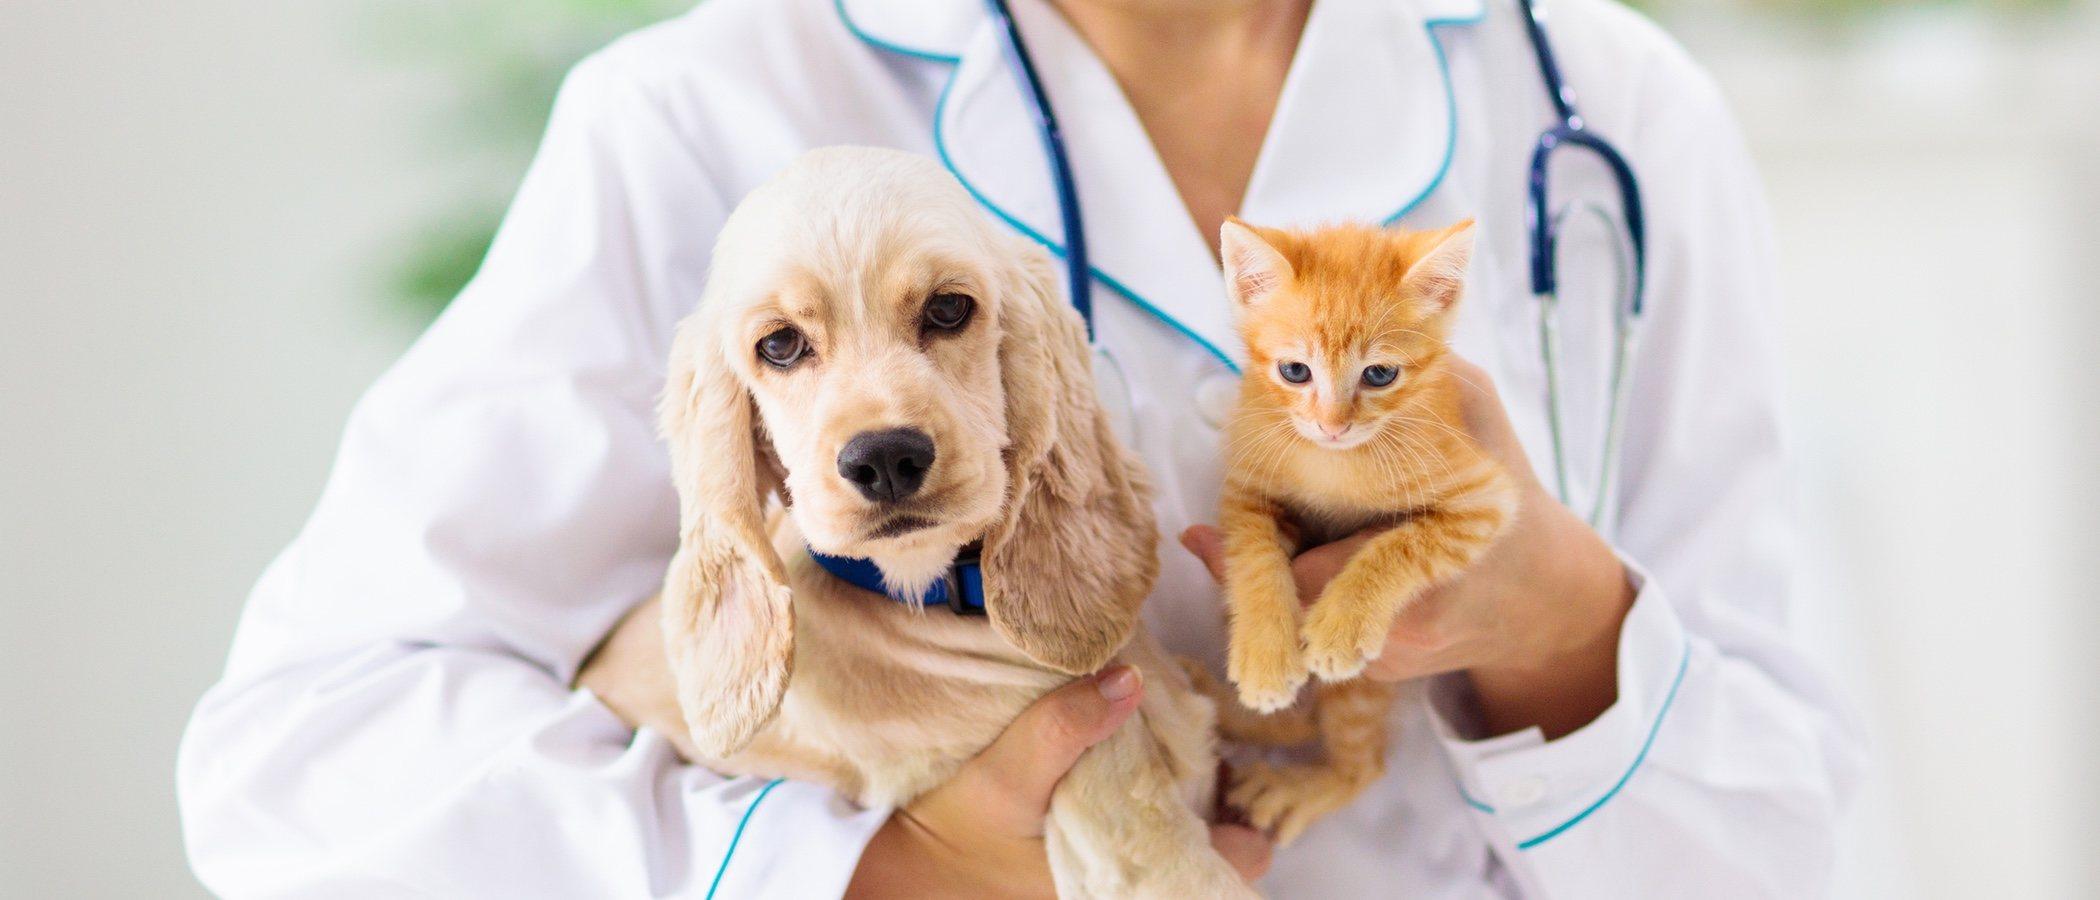 Curar quemaduras en perros y gatos: trucos y consejos